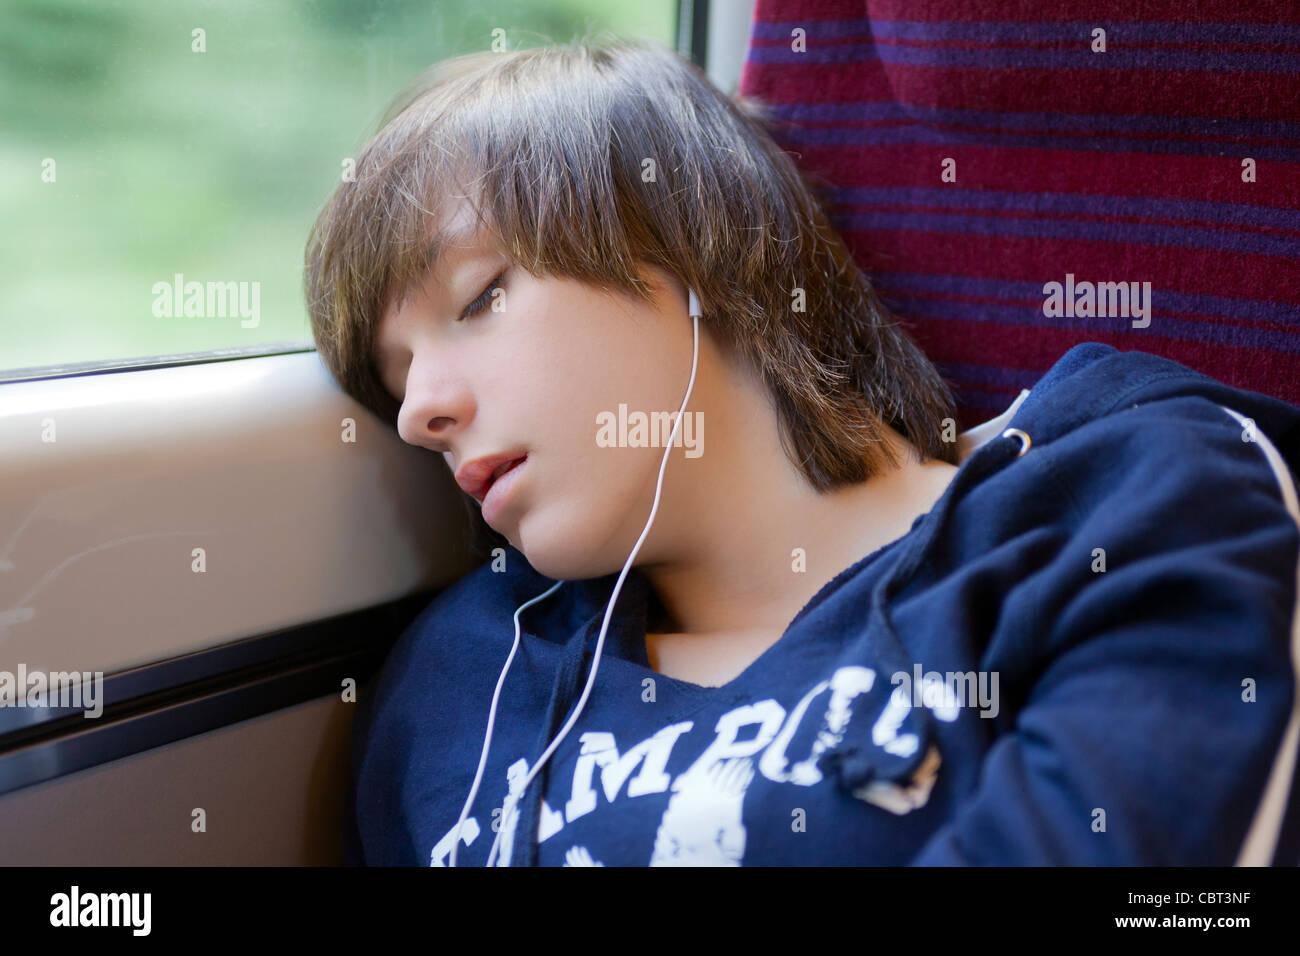 Una adolescente es uno de los pasajeros de un tren. Imagen De Stock